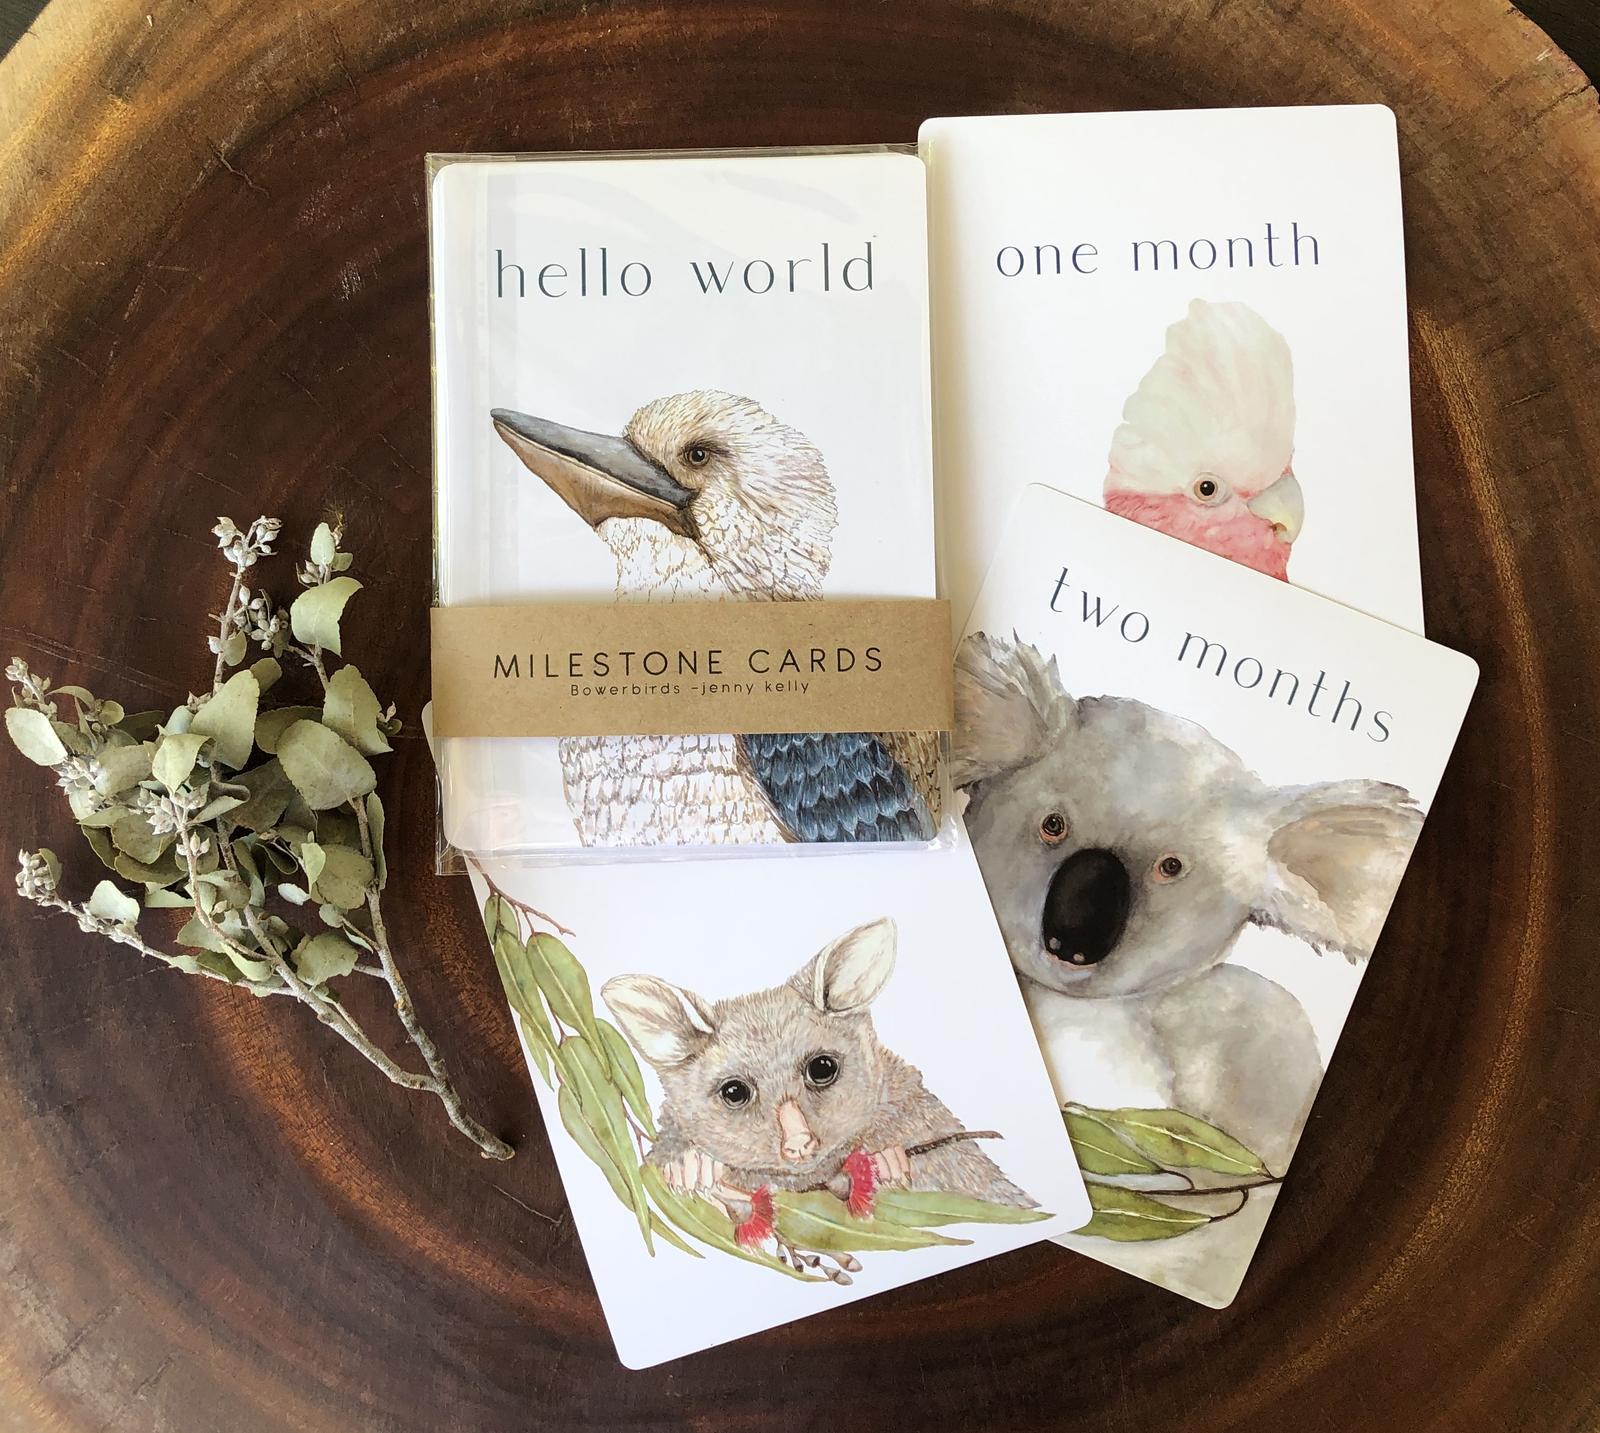 Milestone Cards by Bowerbirds